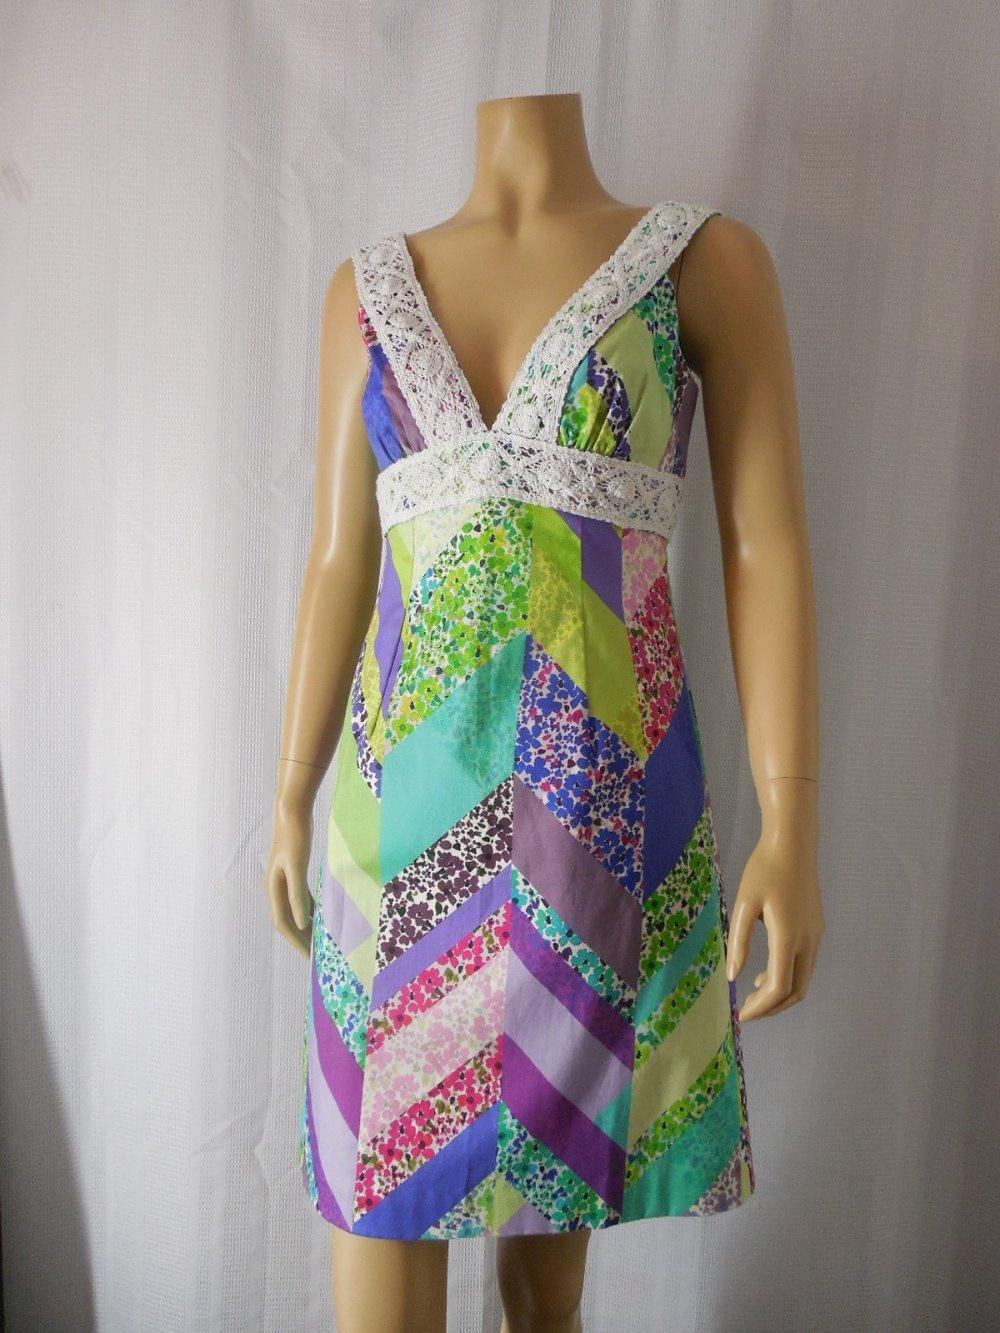 10d92234cb2 Details about TRINA TURK Sundress Dress 2 multi color patchwork print Lace  trim NEW